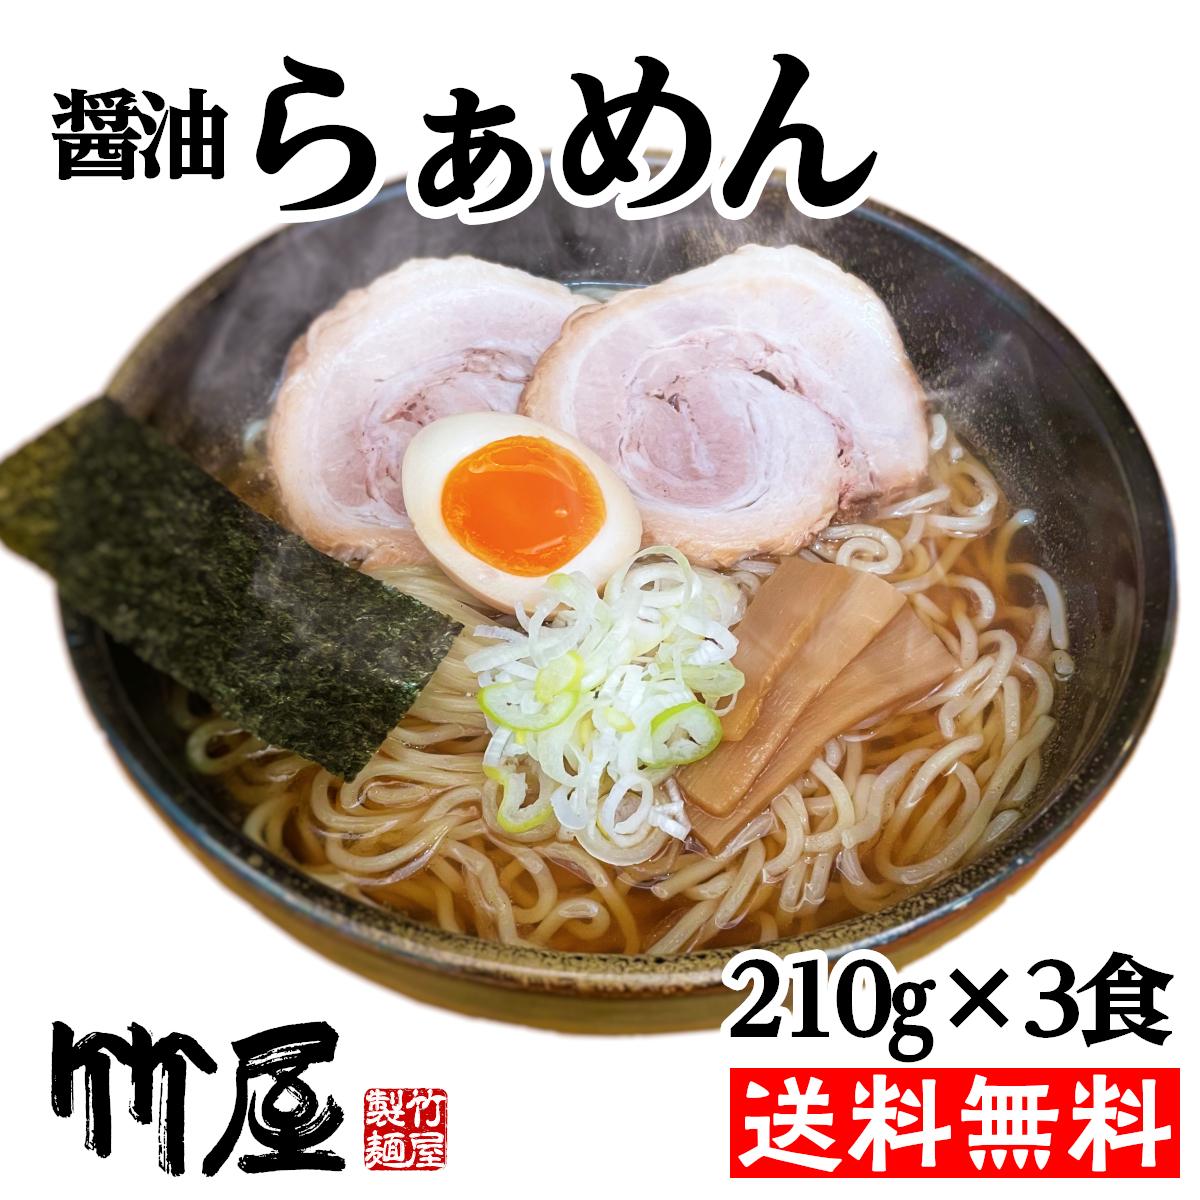 東京都東久留米市の行列のできるラーメン店竹屋の人気メニューです。この製品は竹屋が製造しています。他社が製造したものではなく、全て自家製手作りです。比べてみて下さい。 ラーメン 醤油らぁめん3食セット 生麺 魚介系スープ 自家製麺210g(茹で上がり300gのボリューム)×3 自家製タレ(別袋魚粉付き)×3 多加水生麺 全て自家製 送料無料 メール便(ポスト投函)らーめん しょうゆラーメン